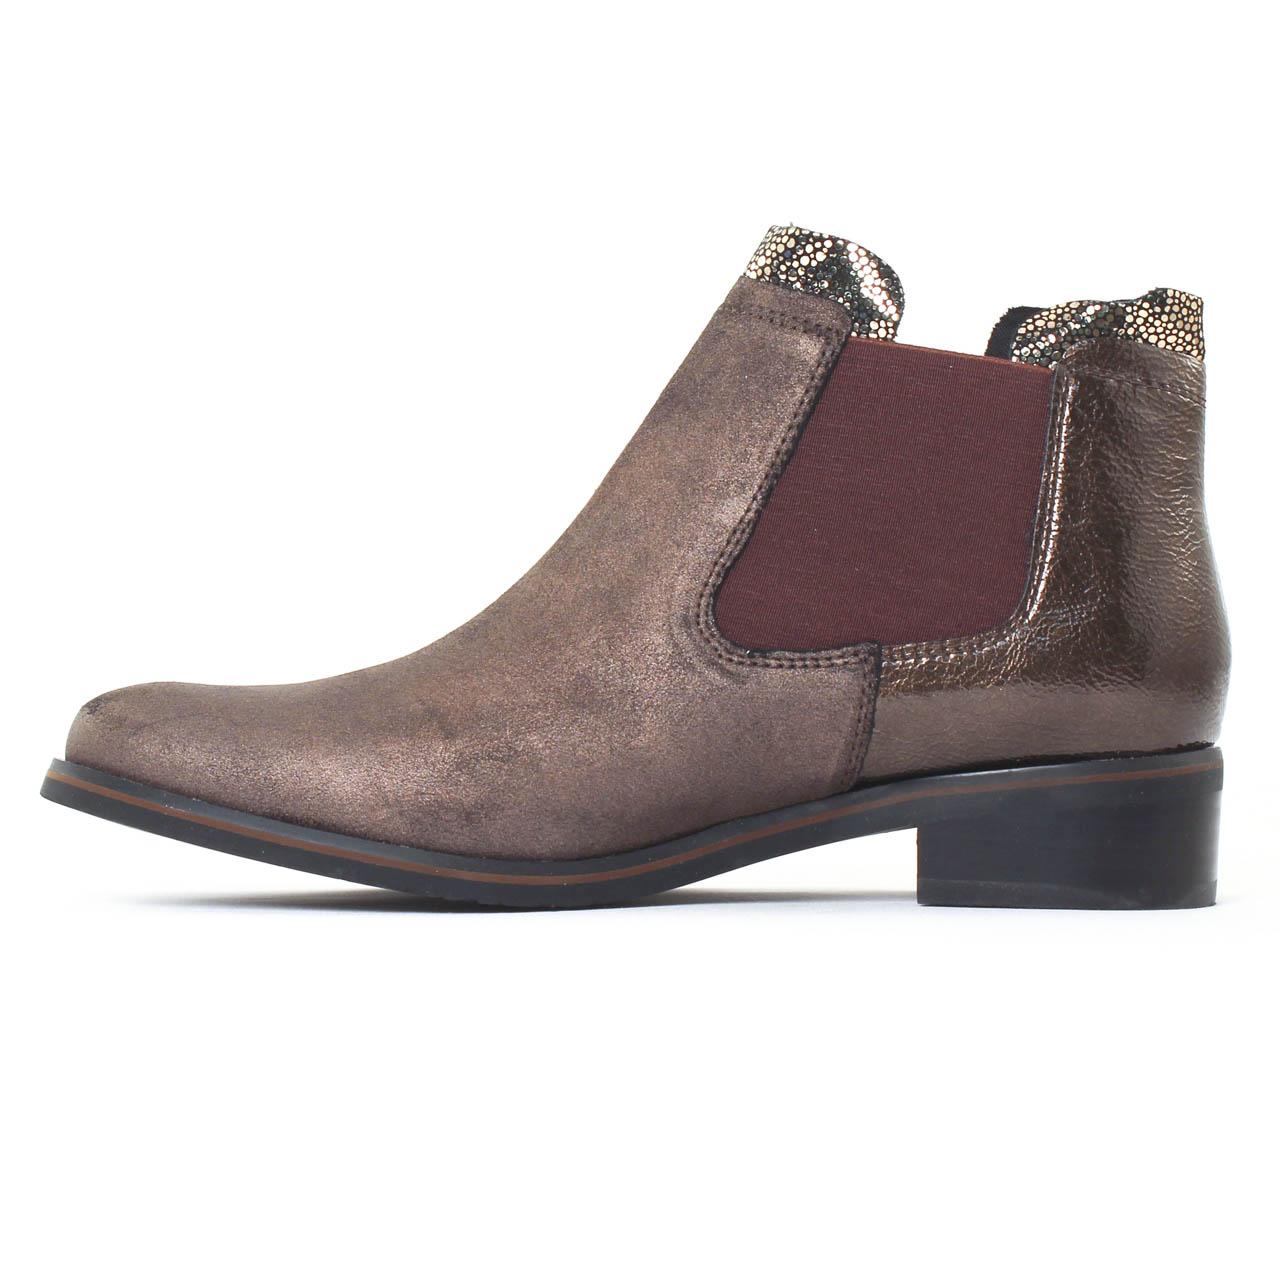 fugitive velvet compo cross brown boot lastiqu es marron dor automne hiver chez trois par 3. Black Bedroom Furniture Sets. Home Design Ideas